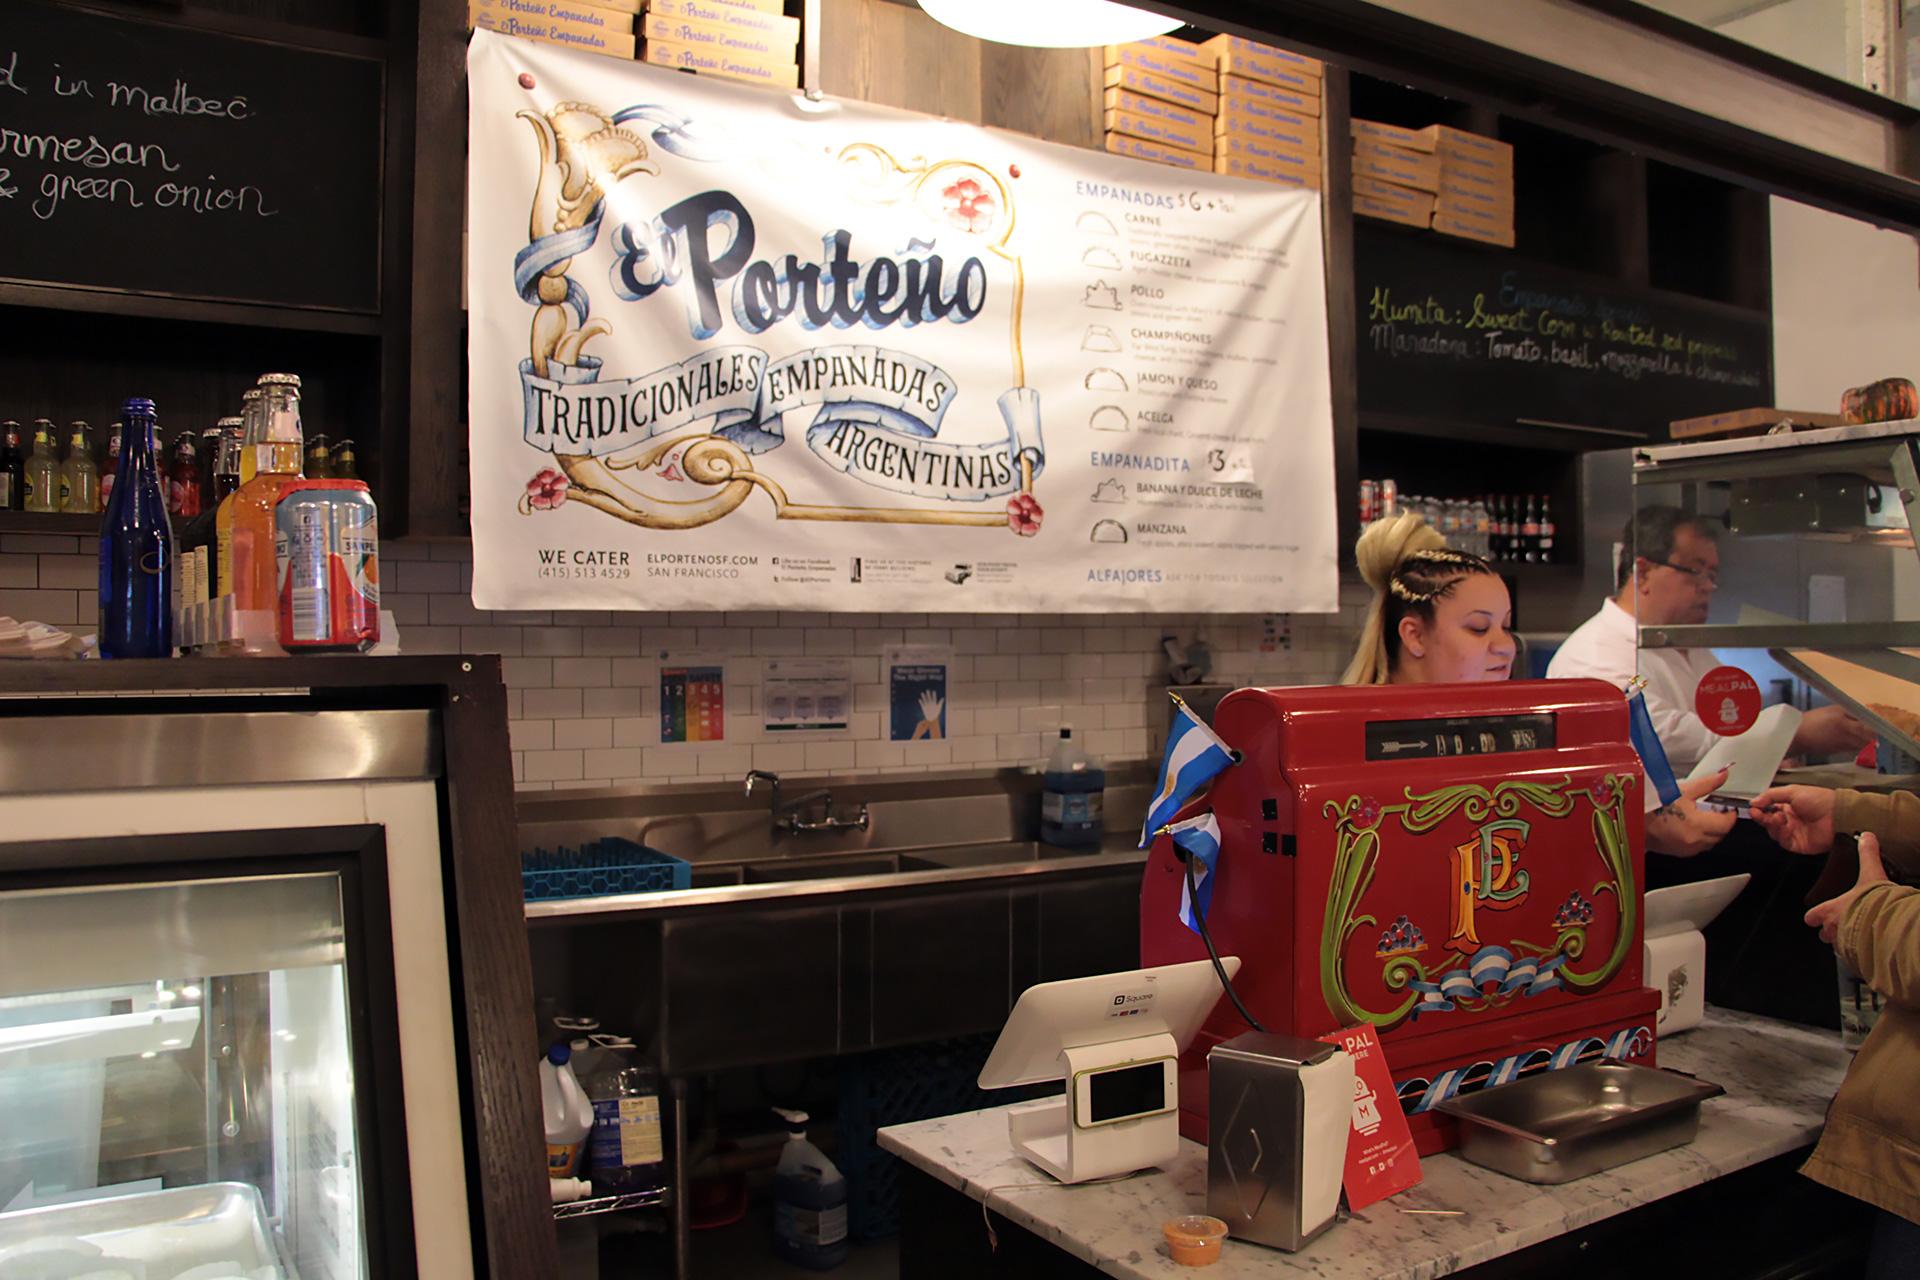 El Porteño counter in Ferry Building